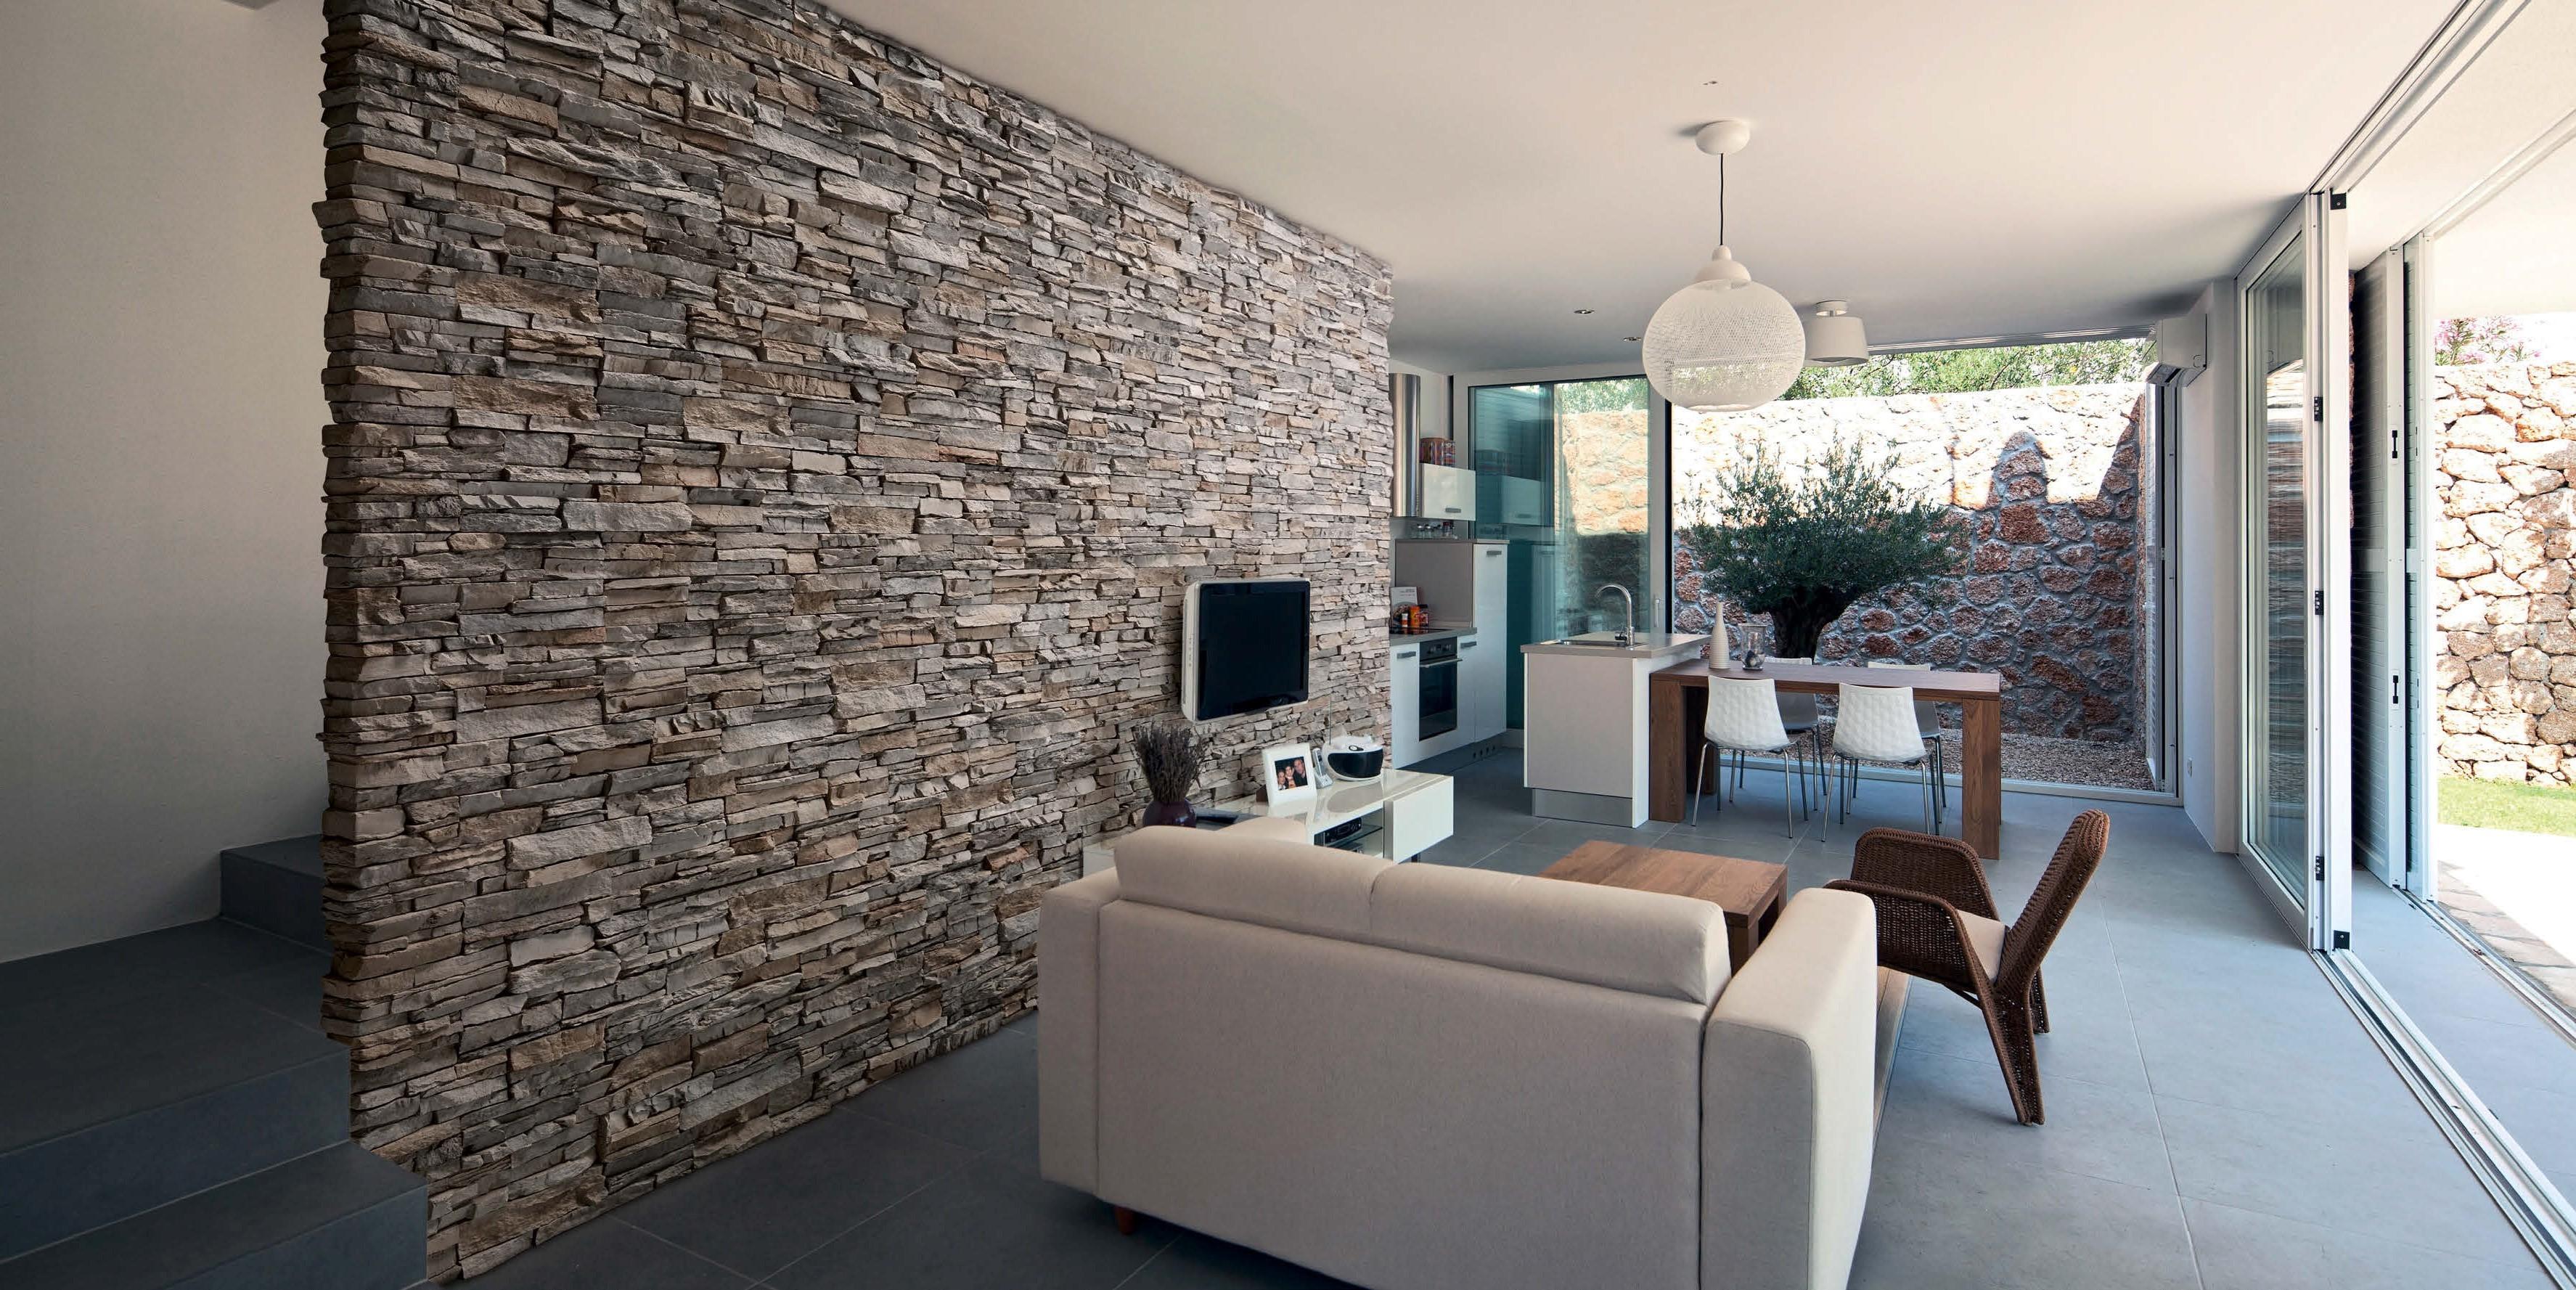 Pietra naturale ricostruita rivestimenti e piastrelle - Case in pietra interni ...